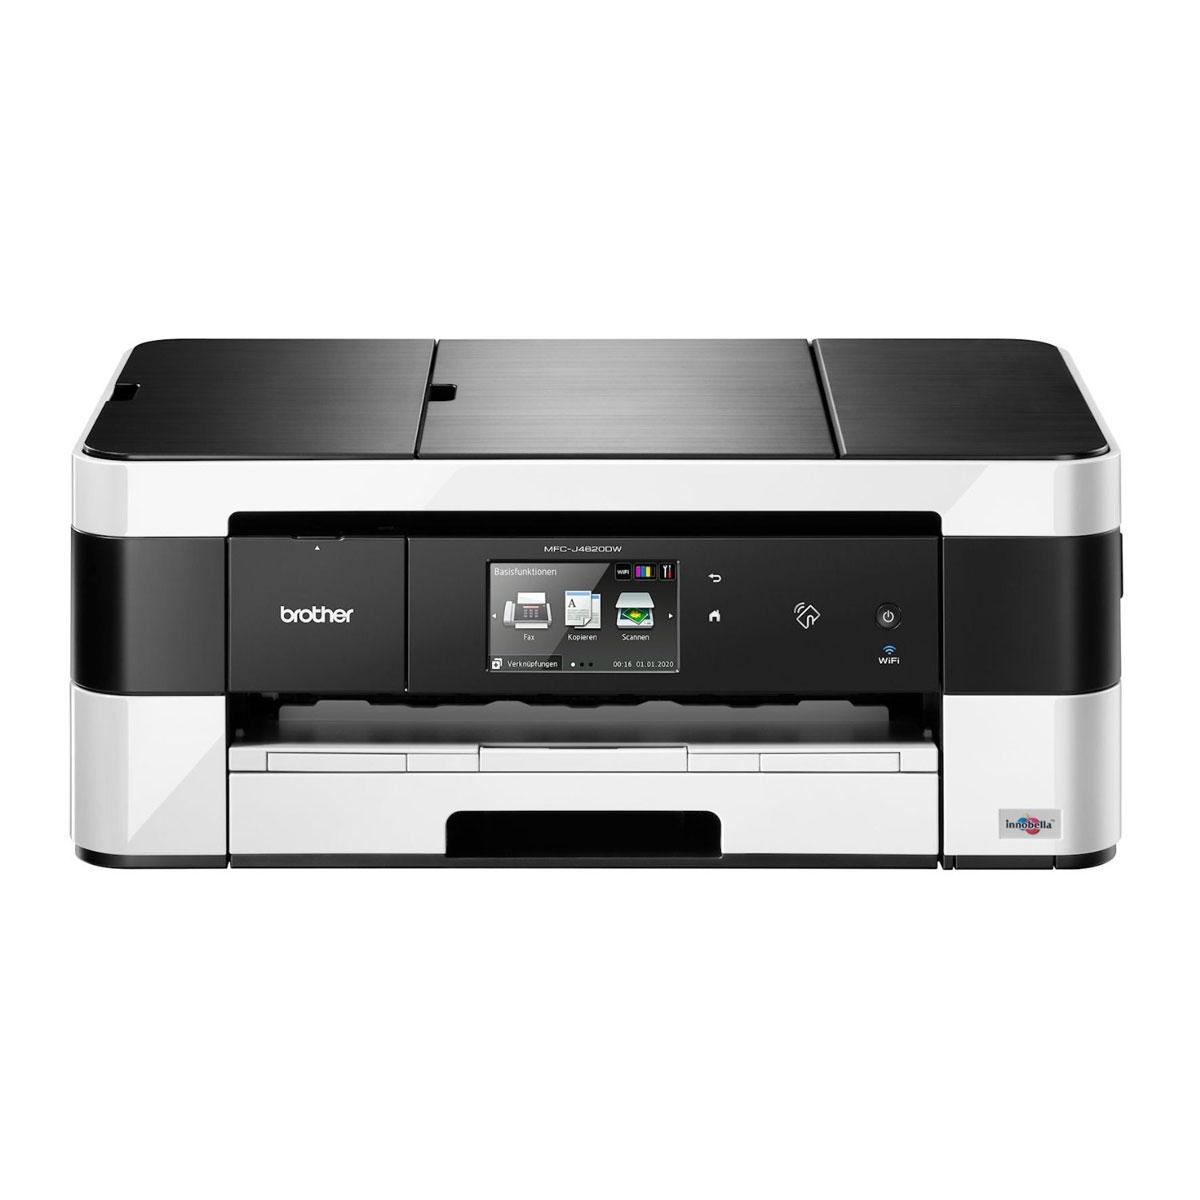 brother imprimante multifonction 4 en 1 mfc-j4420dw